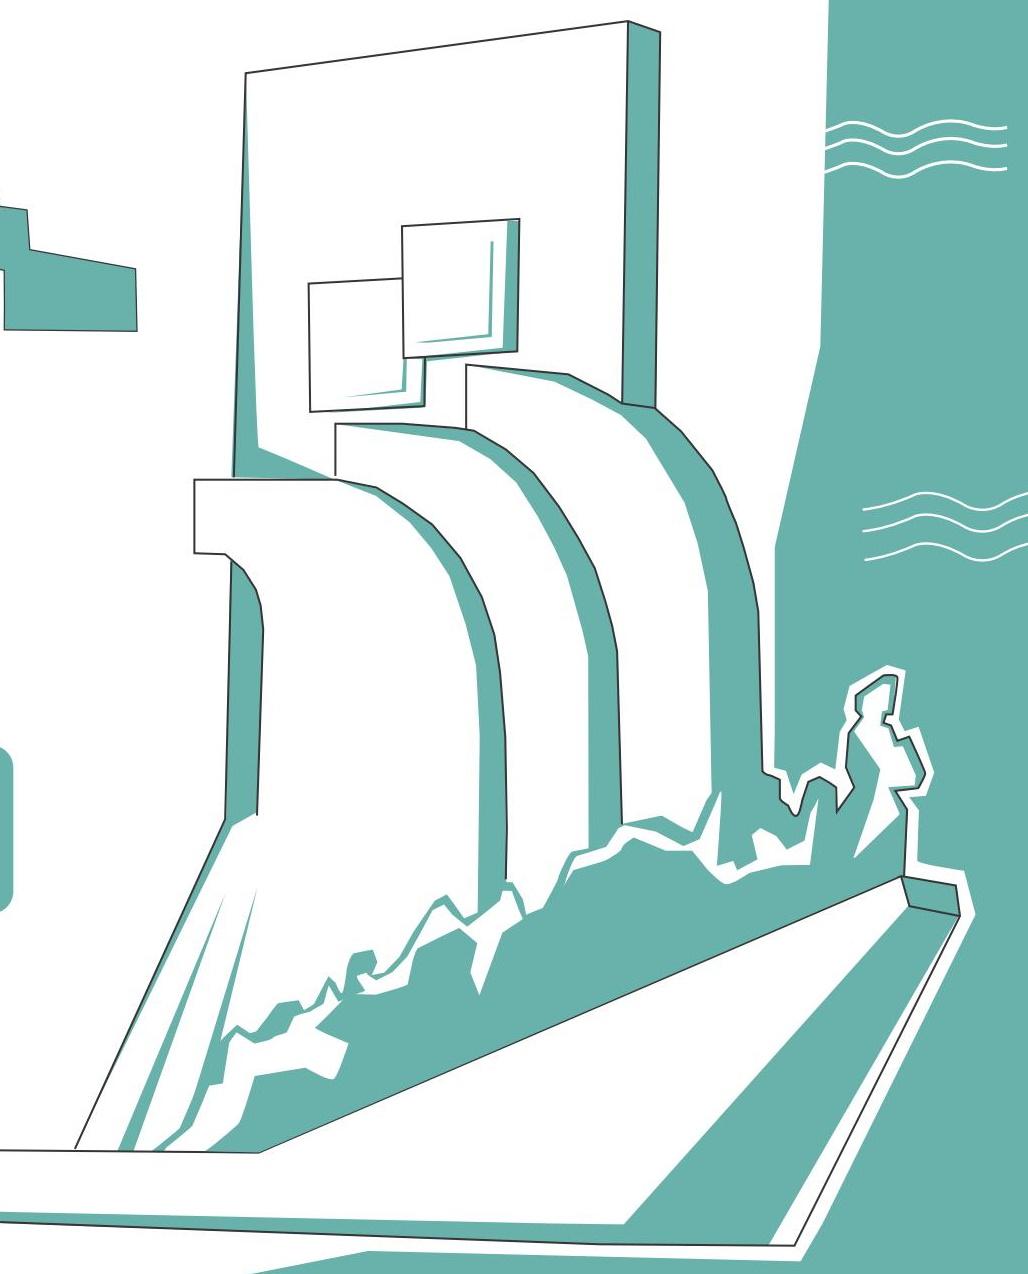 Ilustração com o Padrão dos Descobrimentos, desenhados apenas os contornosem verde água e branco